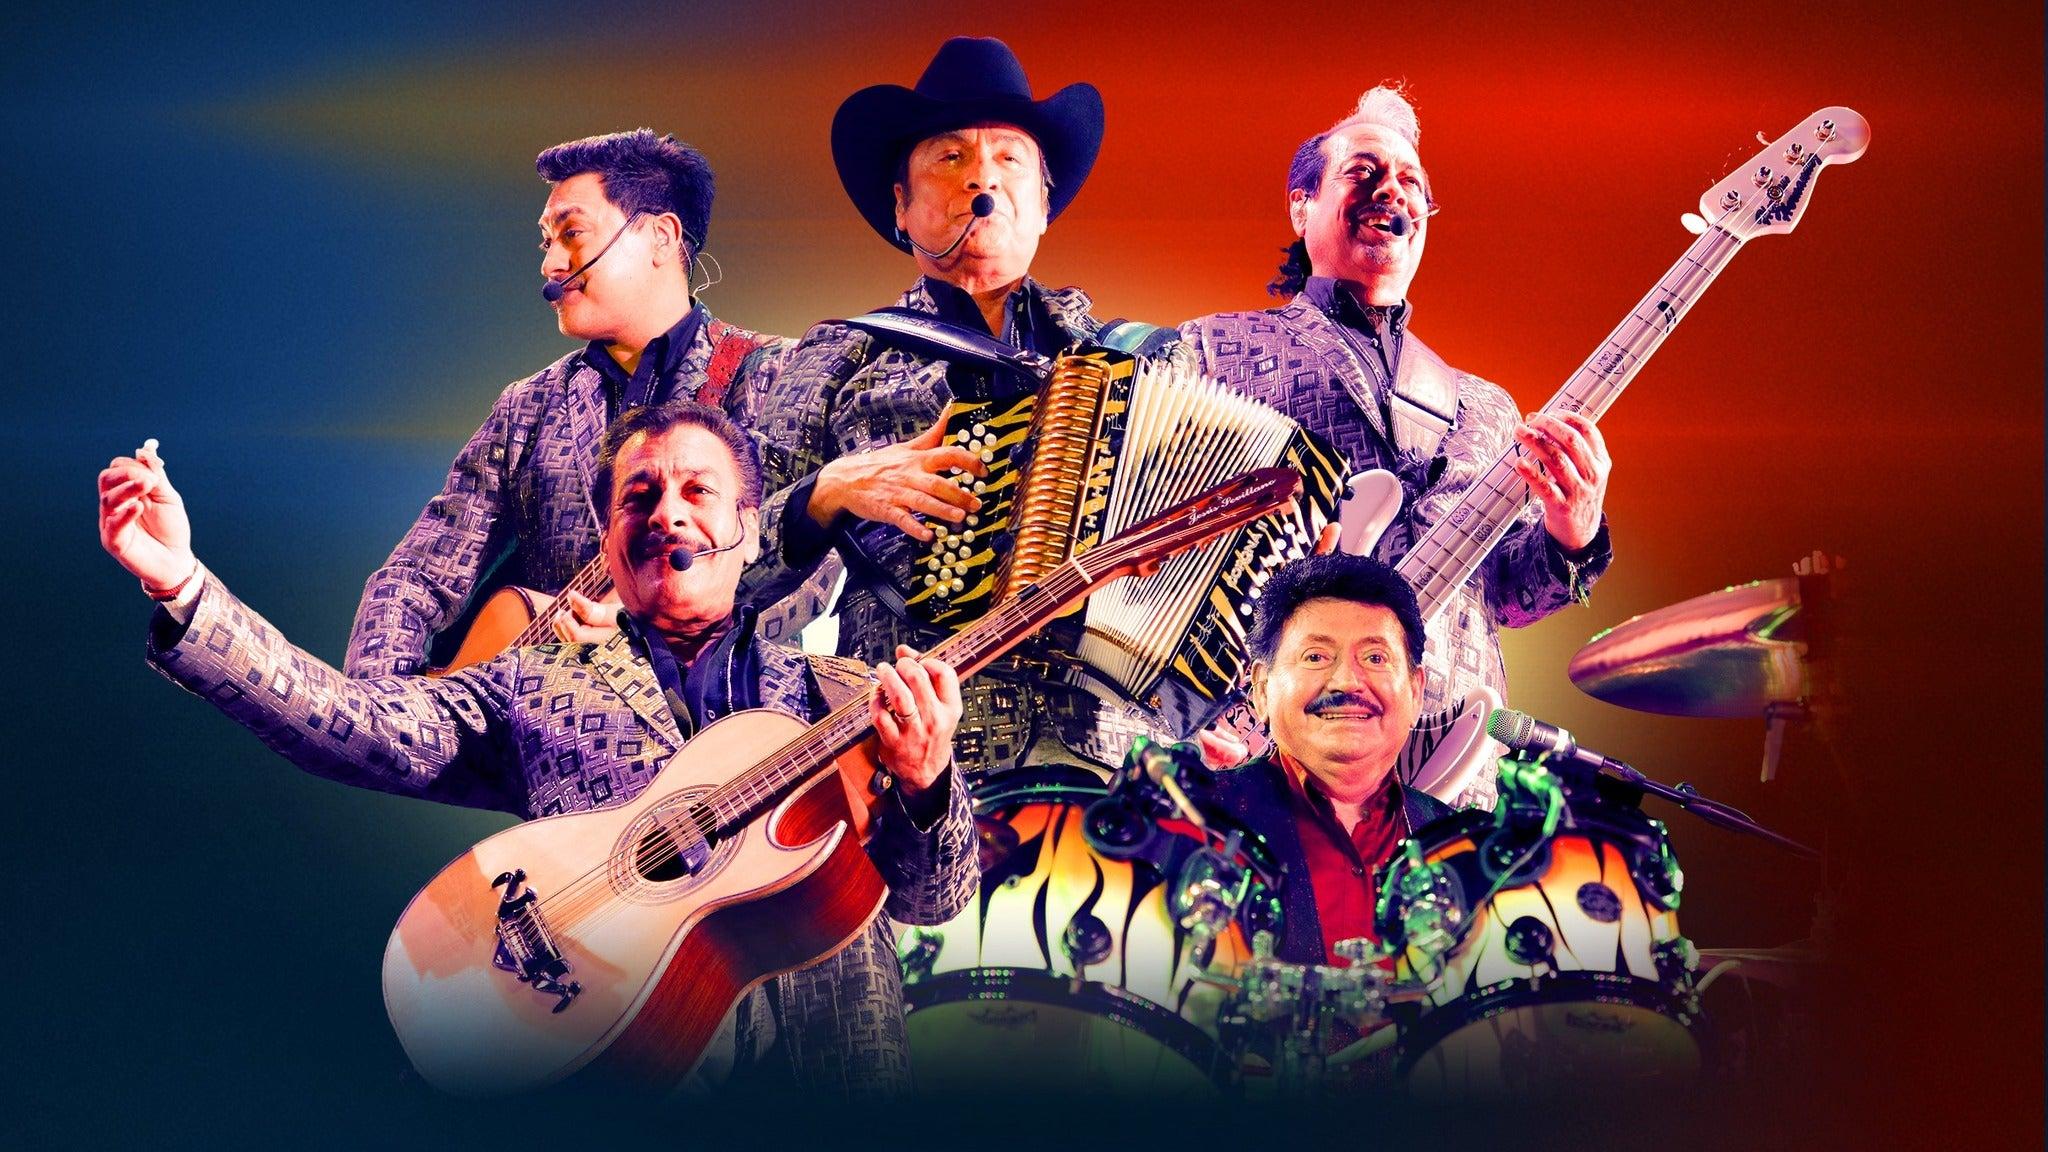 Los Tigres Del Norte La Reunion Tour